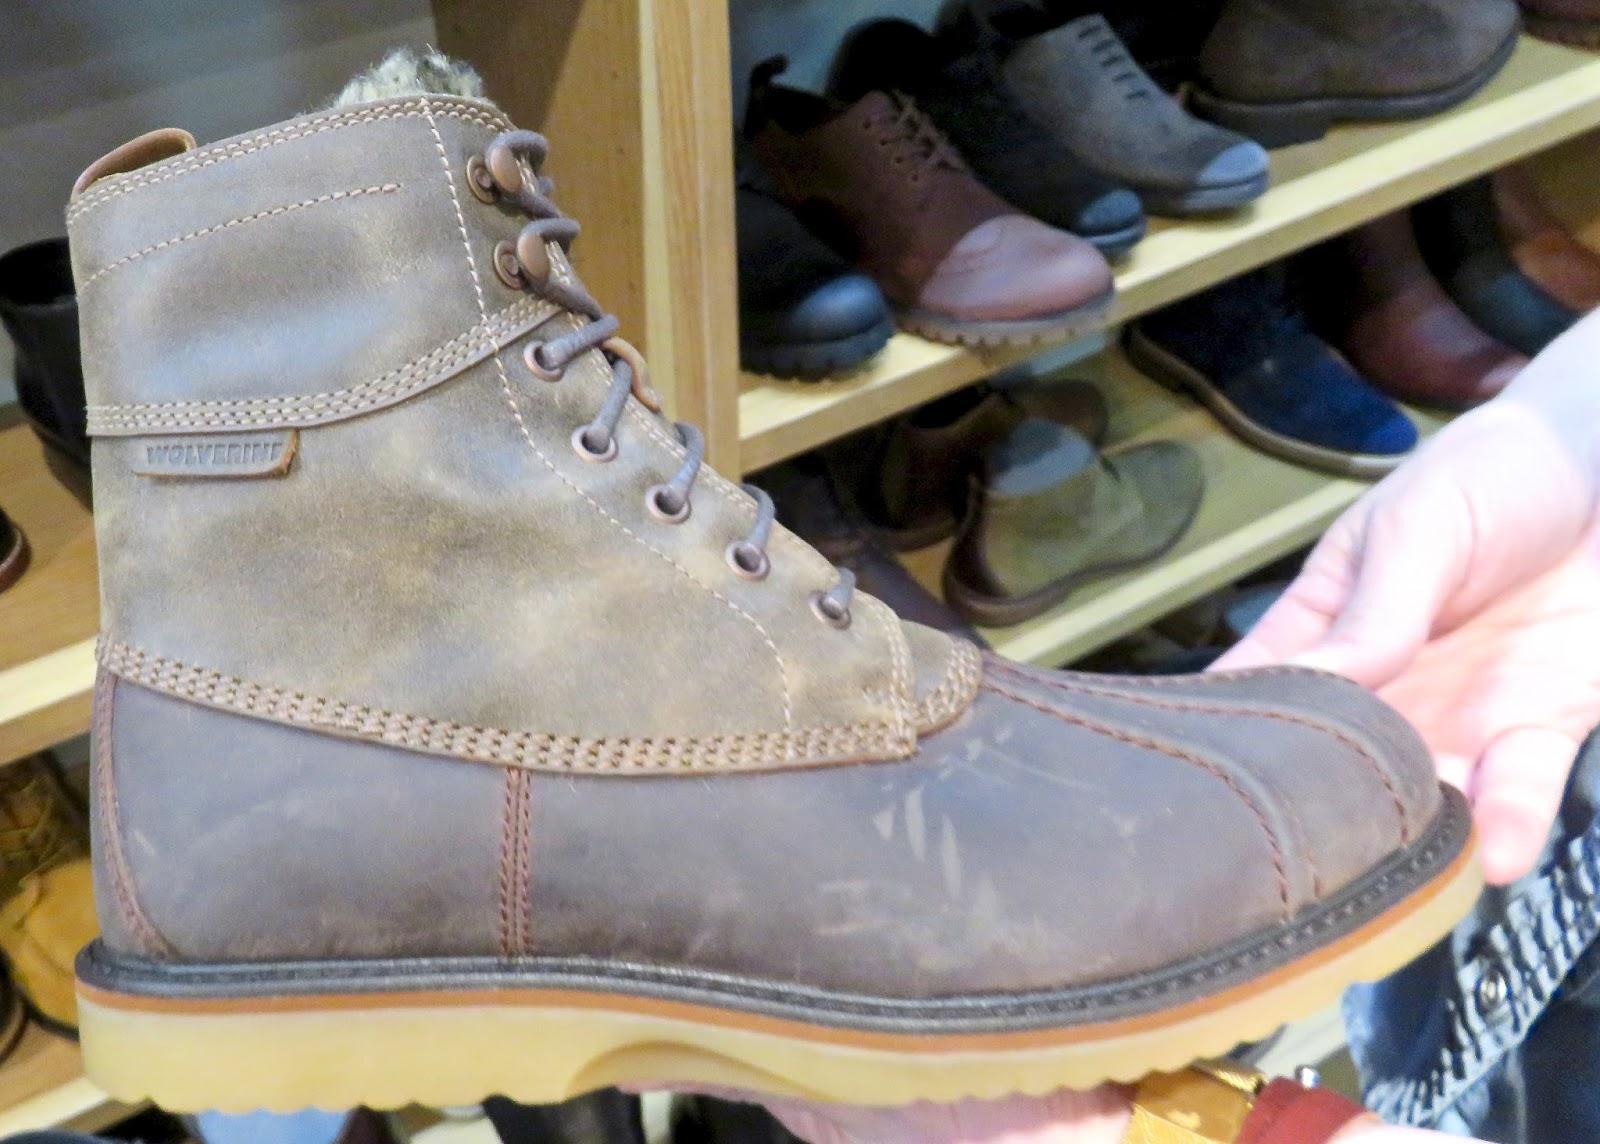 popular duck boot by Wolverine FELIX is waterproof -w  waterproof full  grain leather upper 4a6e2d546